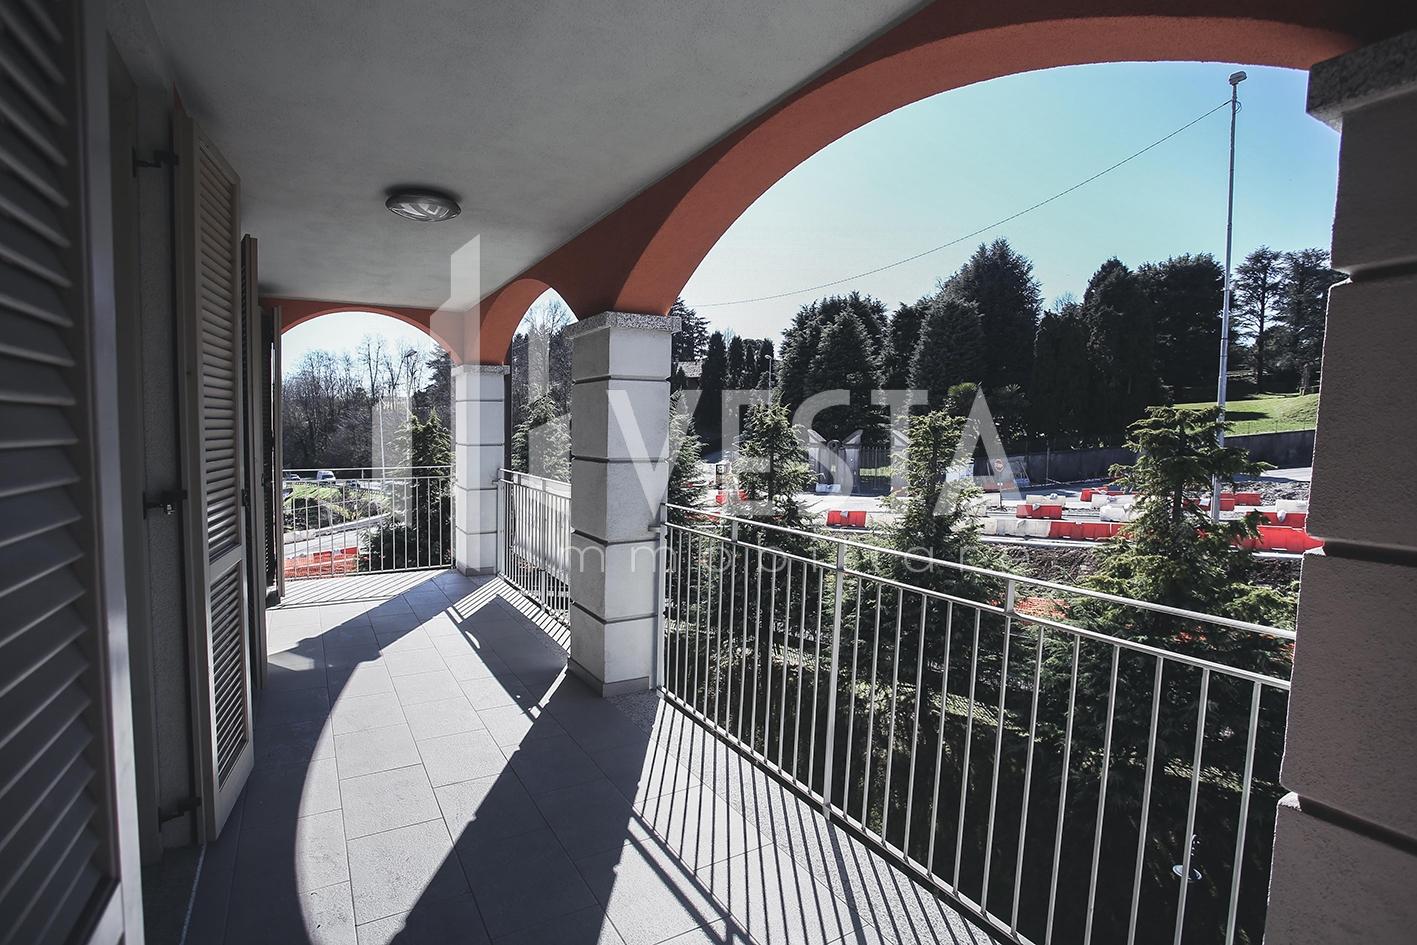 Attico / Mansarda in vendita a Missaglia, 5 locali, prezzo € 250.000 | CambioCasa.it